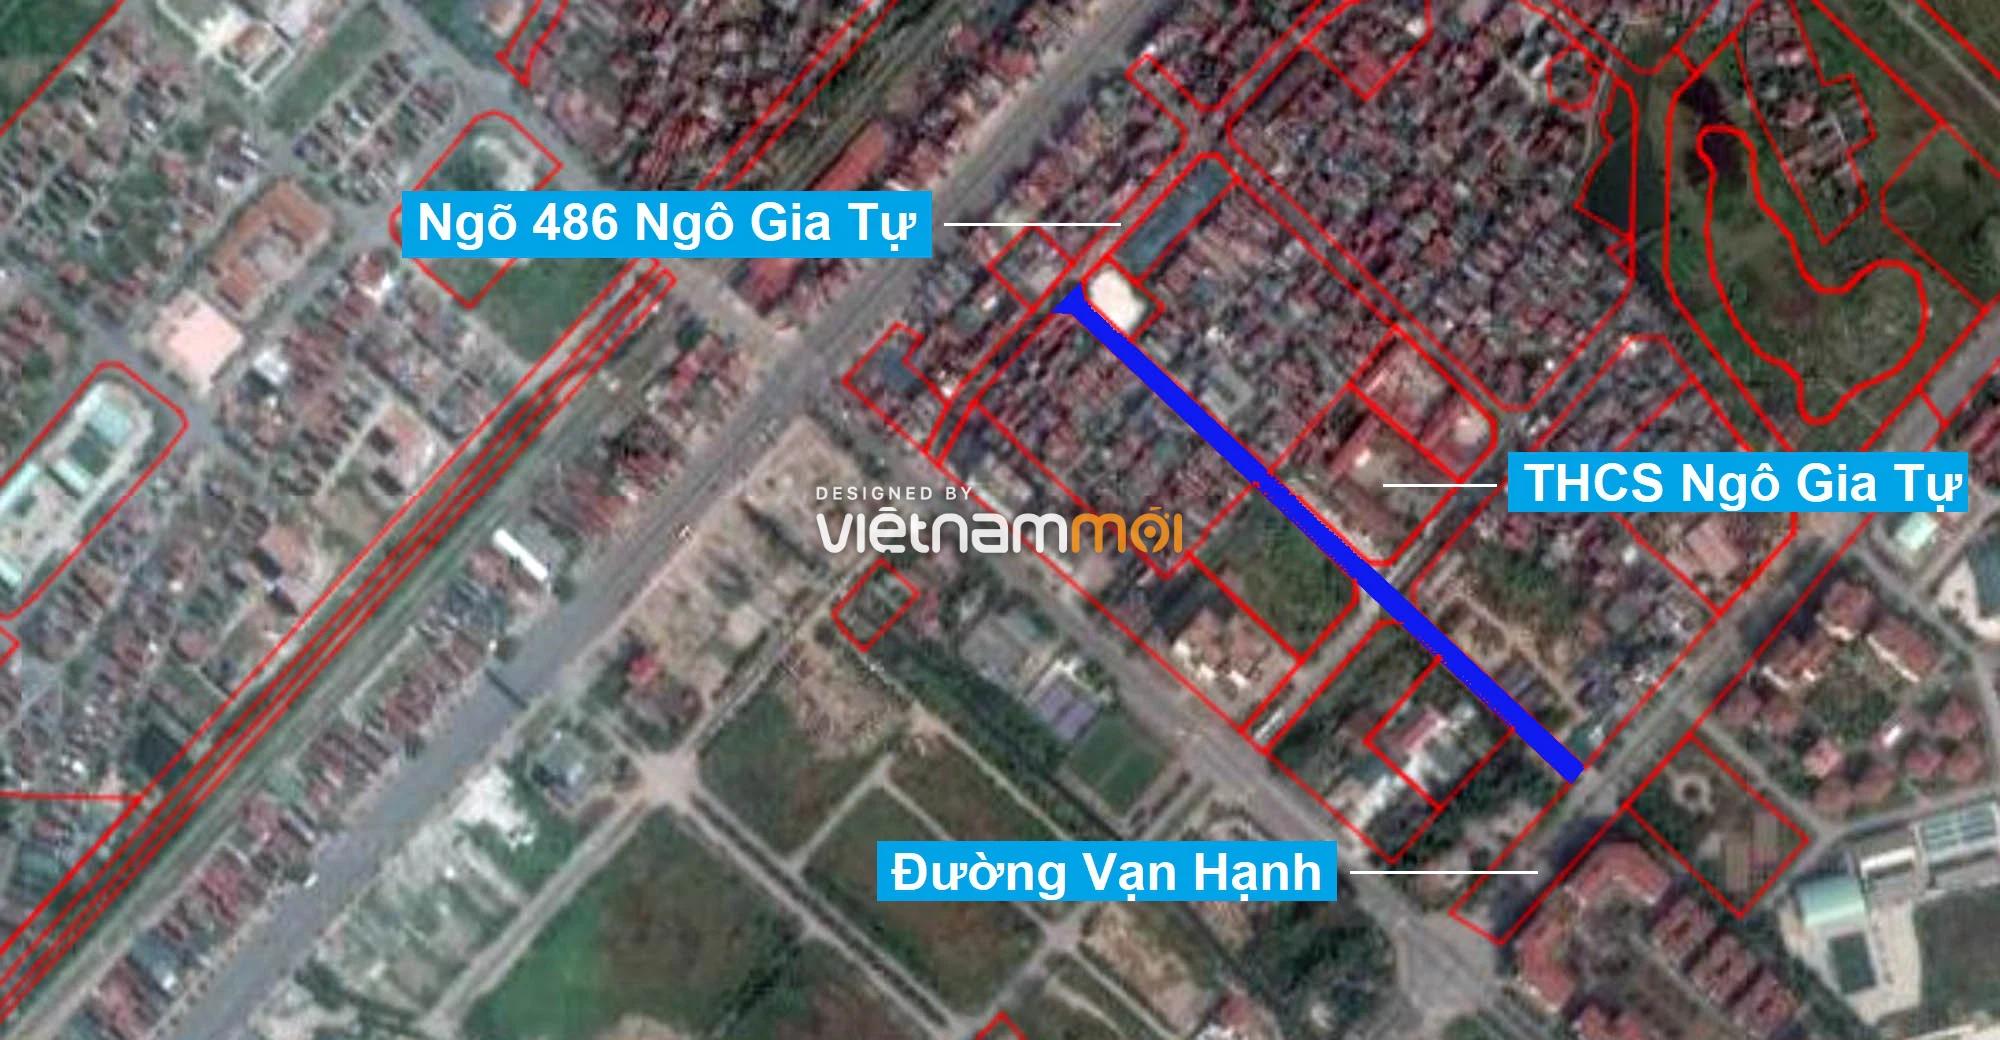 Những khu đất sắp thu hồi để mở đường ở phường Đức Giang, Long Biên, Hà Nội (phần 2) - Ảnh 14.